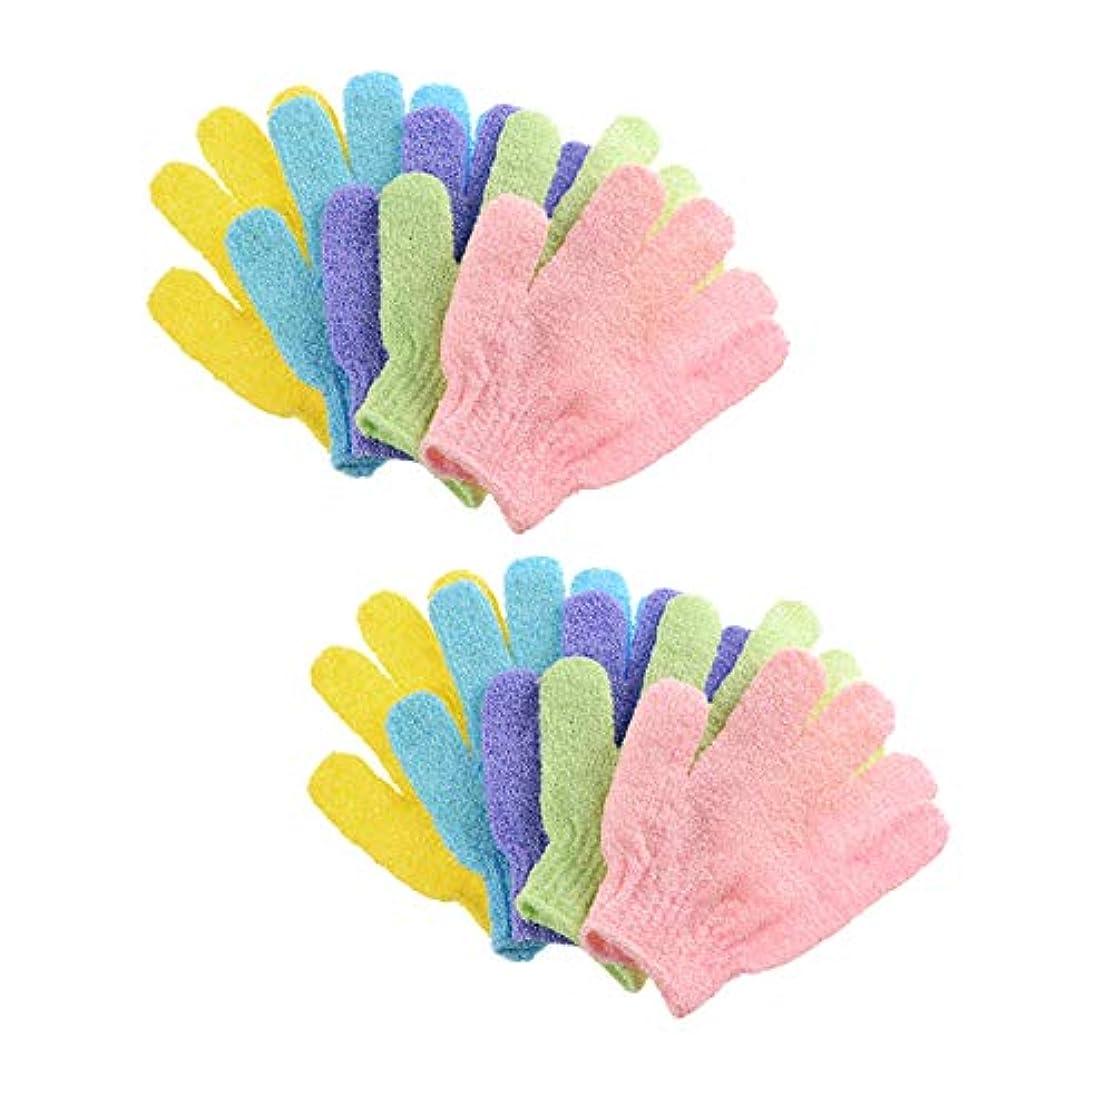 光のカール判決浴用手袋 入浴用手袋 お風呂用手袋 5ペア角質除去バスグローブ 抗菌加工 ボディタオル シャワーボディーグローブ 両面スクラブバスグローブボディスクラブエクスフォリエーター用 男女兼用